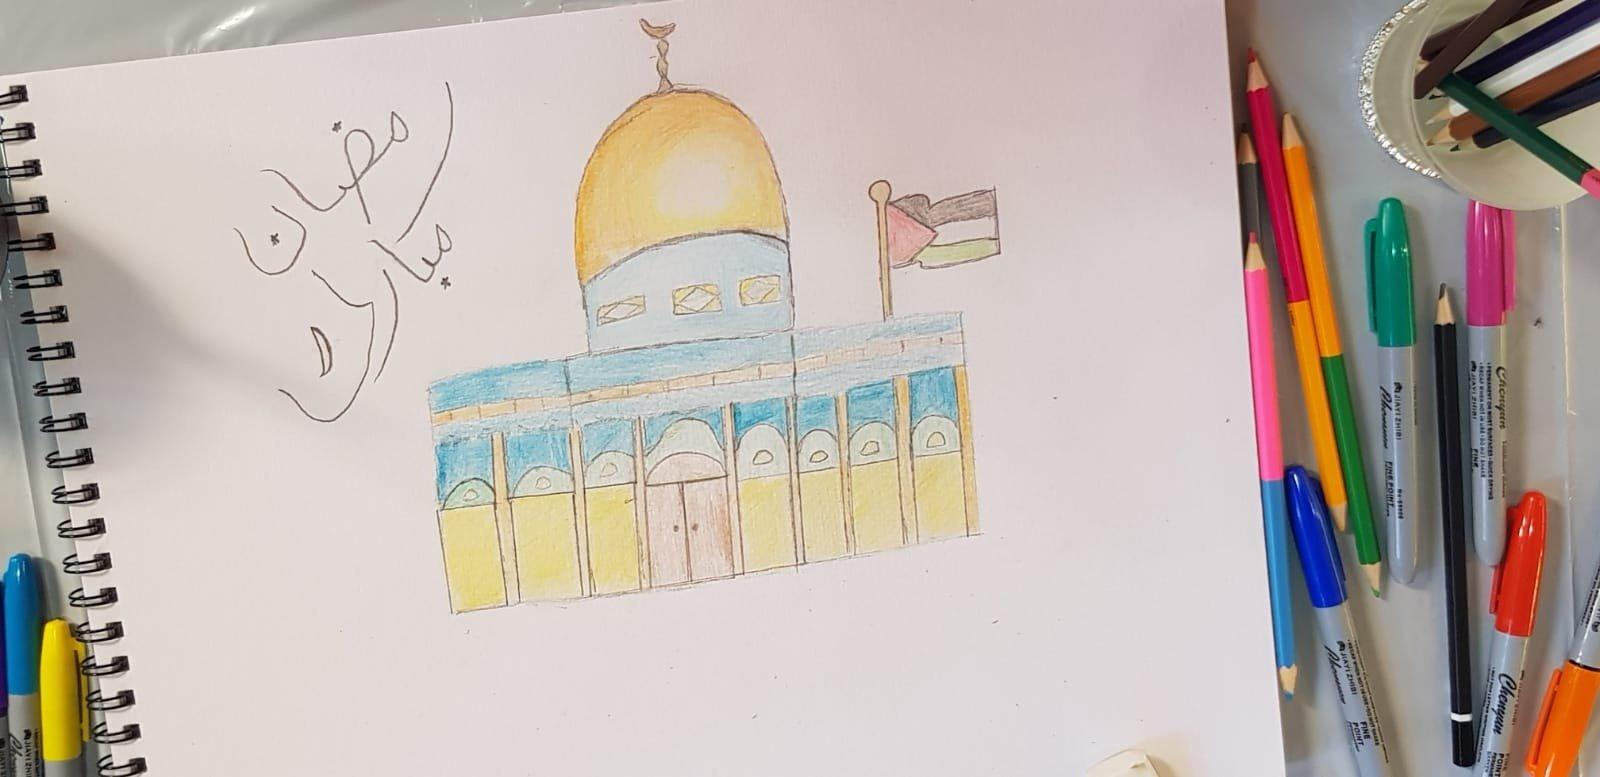 يلا نرسم مع هناء، مسجد قبة الصخرة